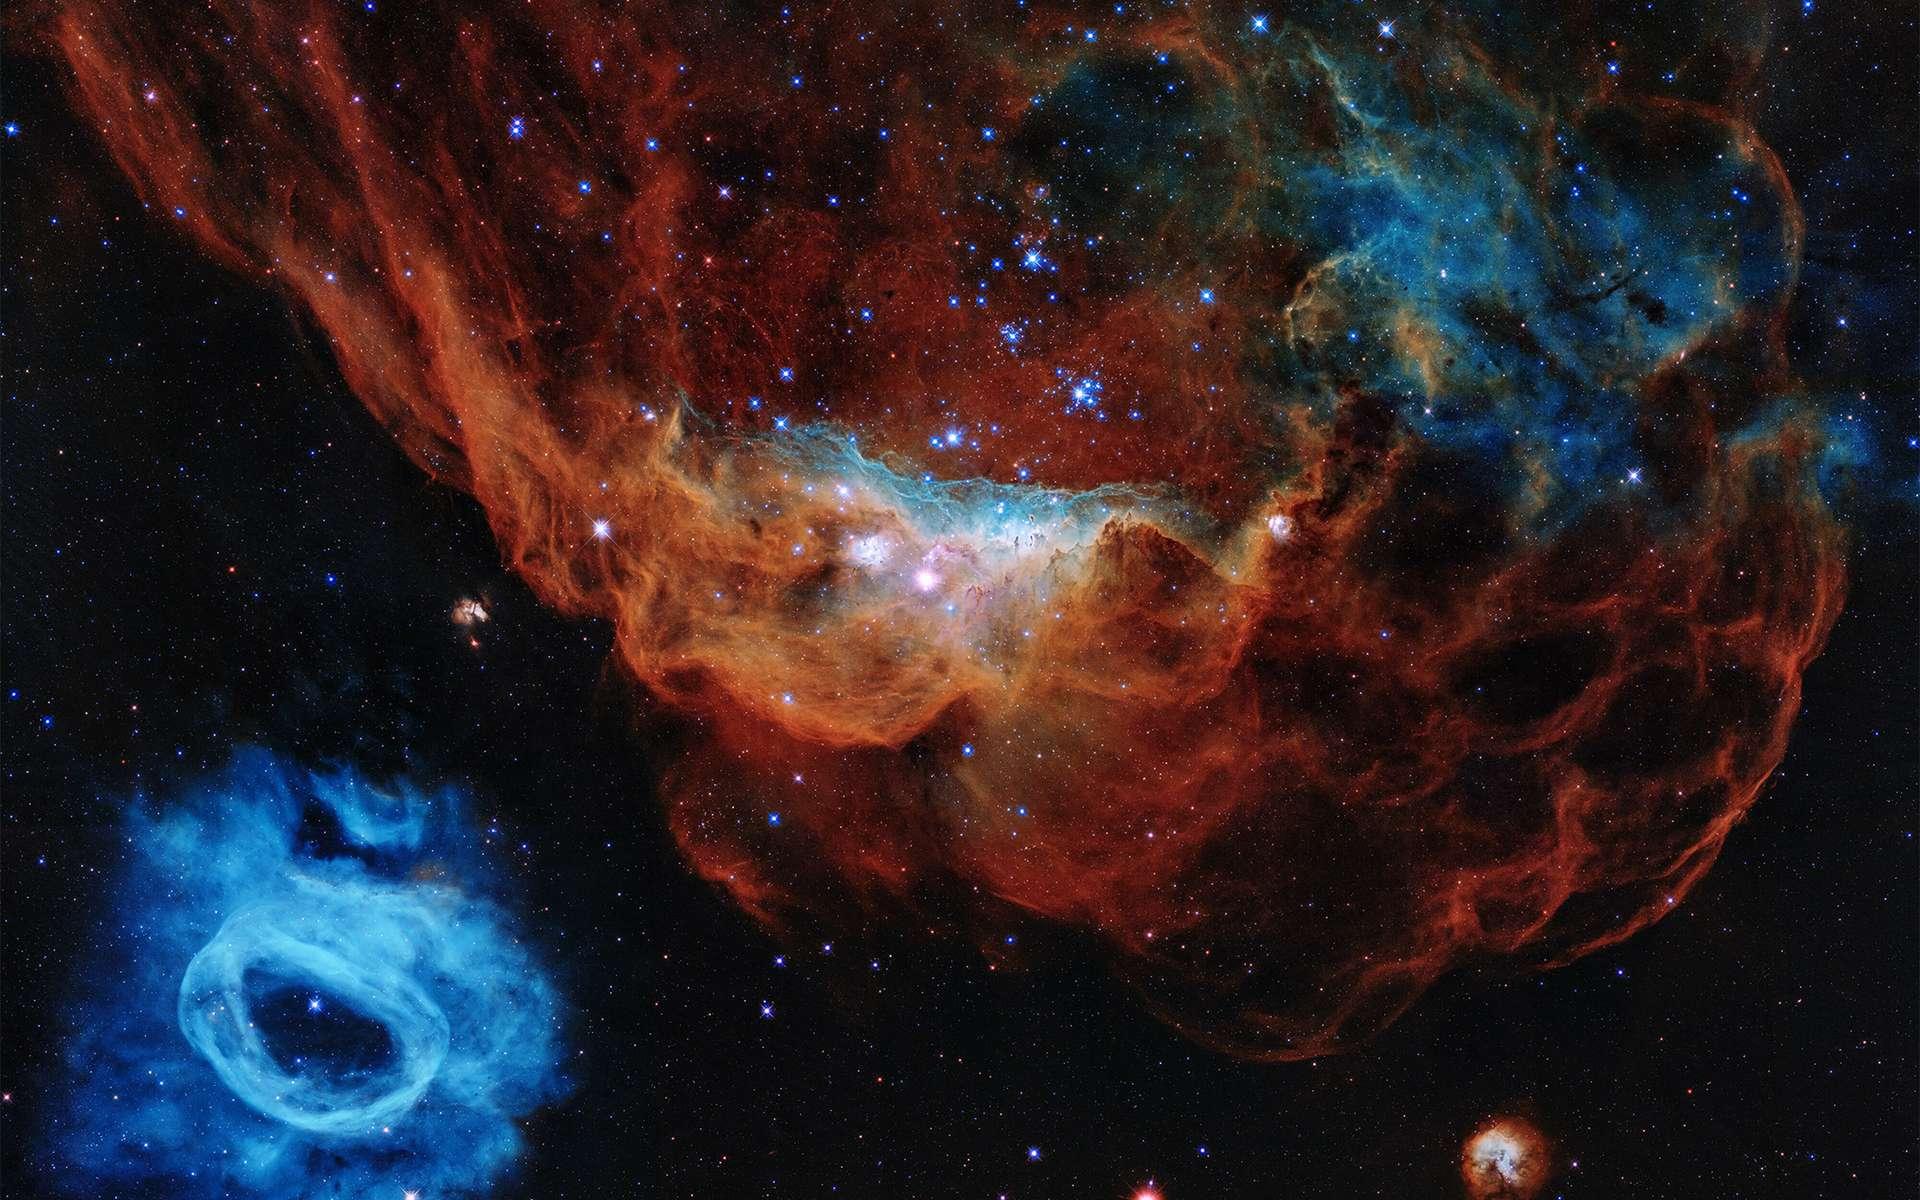 NGC 2014 et sa voisine NGC 2020, qui forment une vaste région de formation d'étoile, sont les deux objets choisis pour les 30 ans d'Hubble. © Nasa, ESA, and STScI